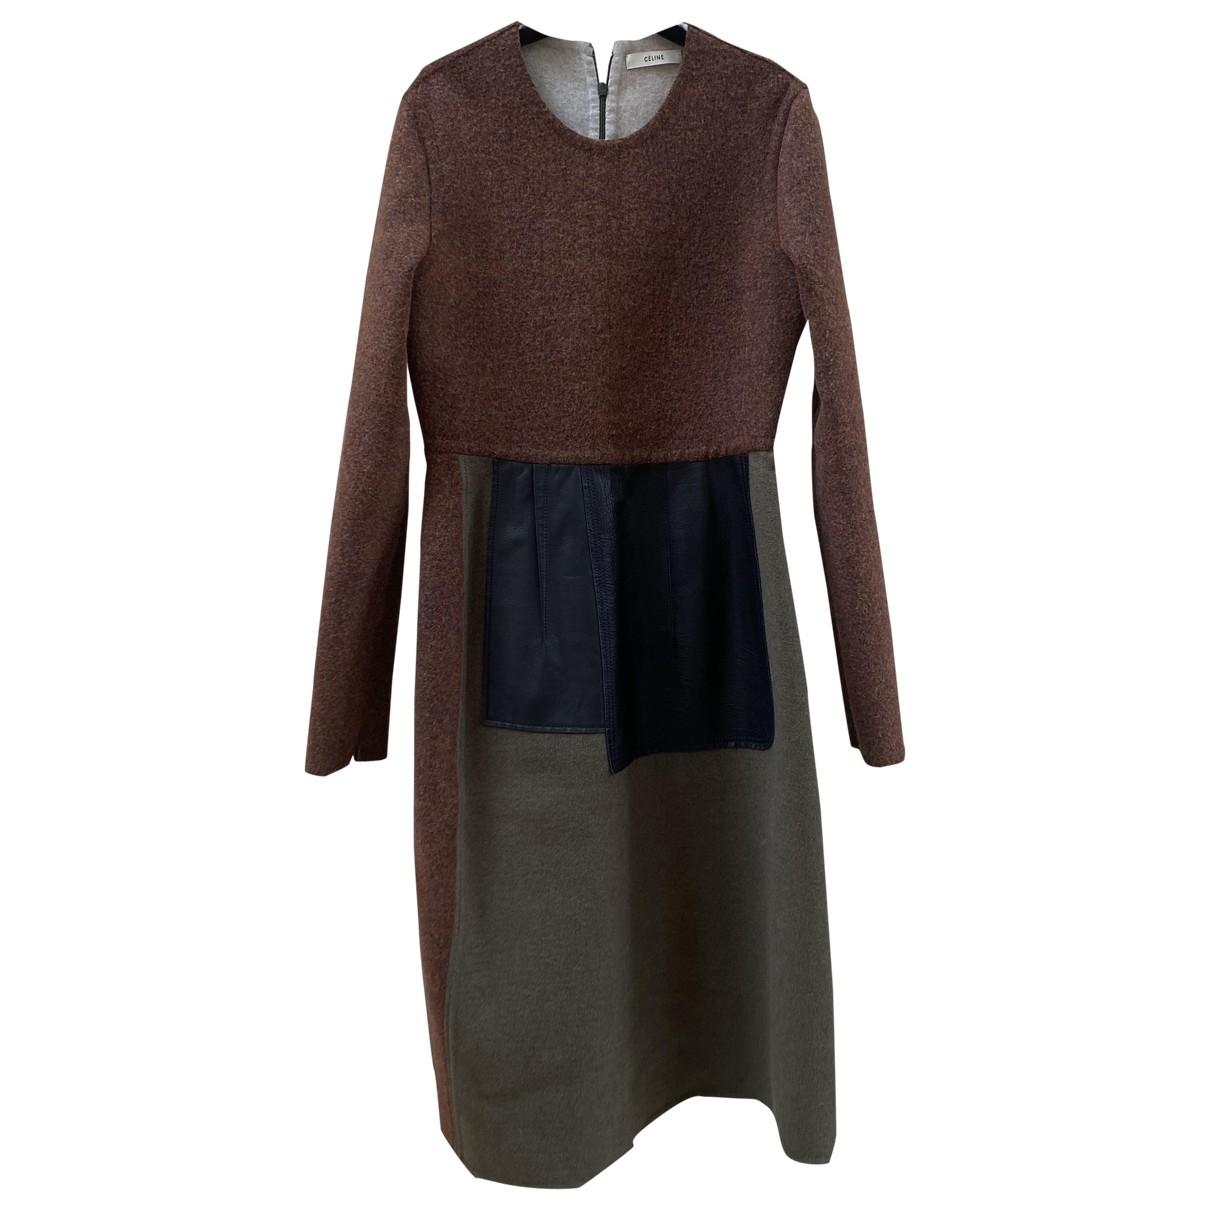 Celine \N Kleid in  Kamel Wolle